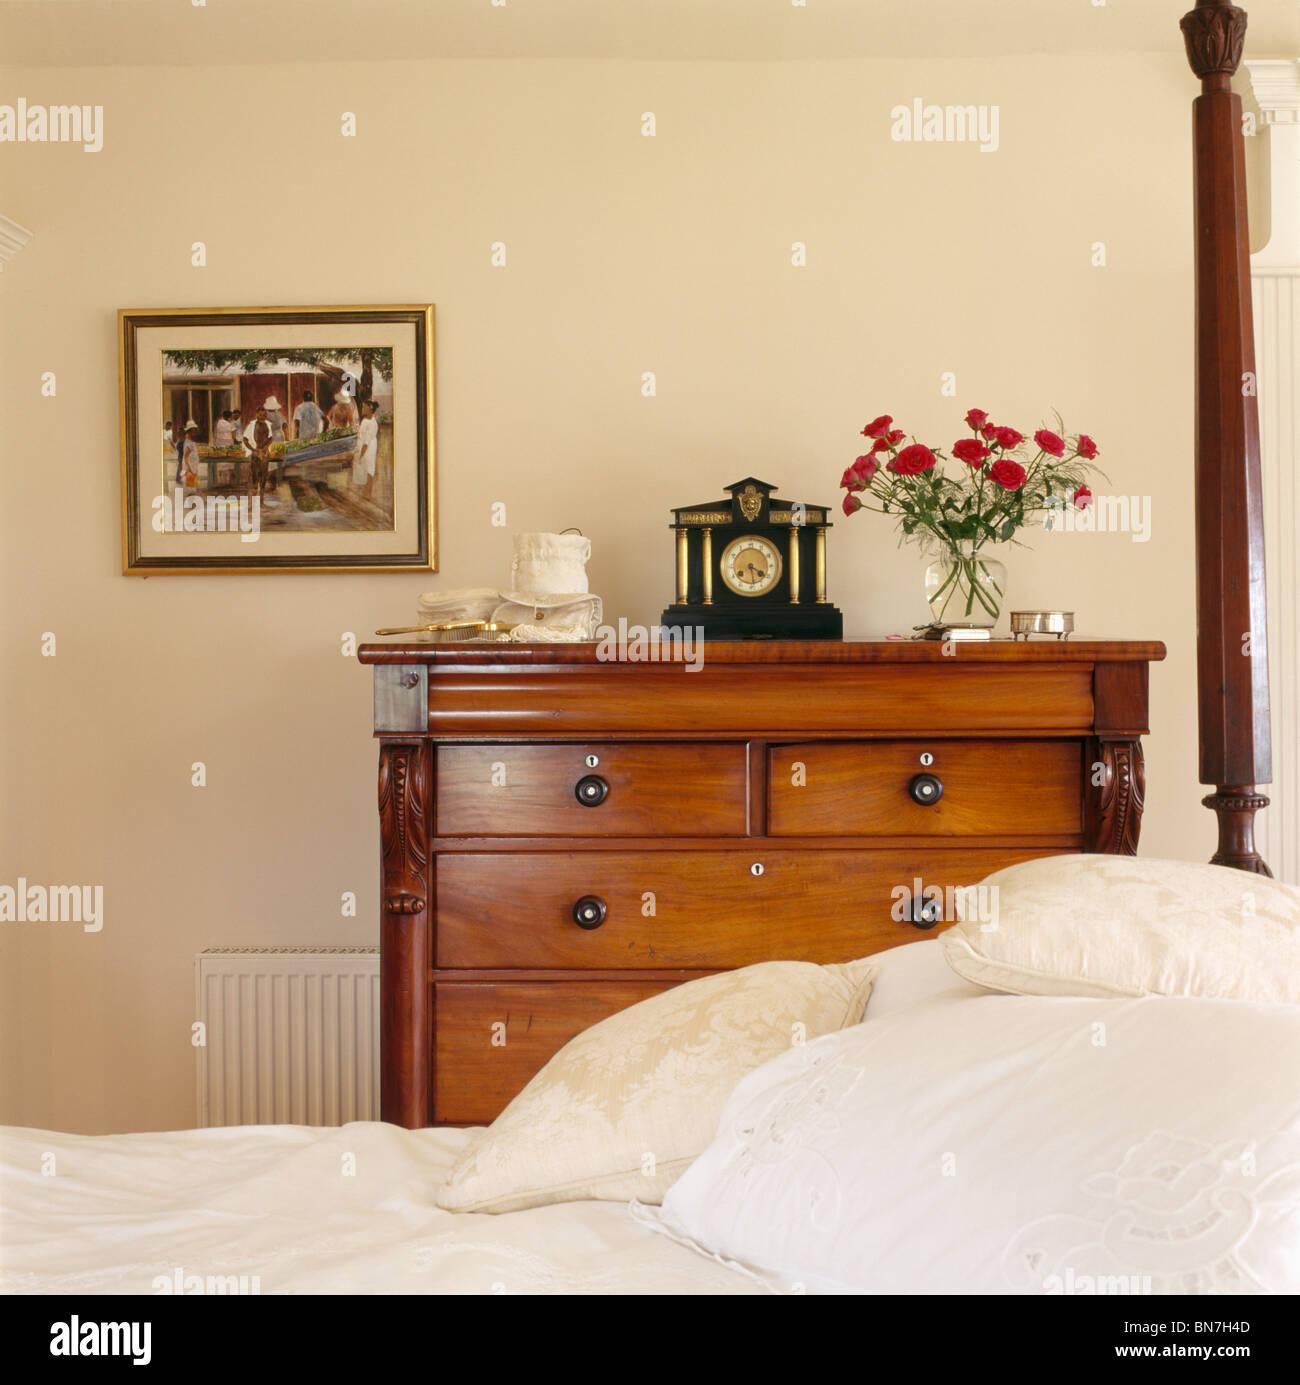 Uhr Auf Antike Kommode Neben Bett Mit Weissem Leinen In Weisse